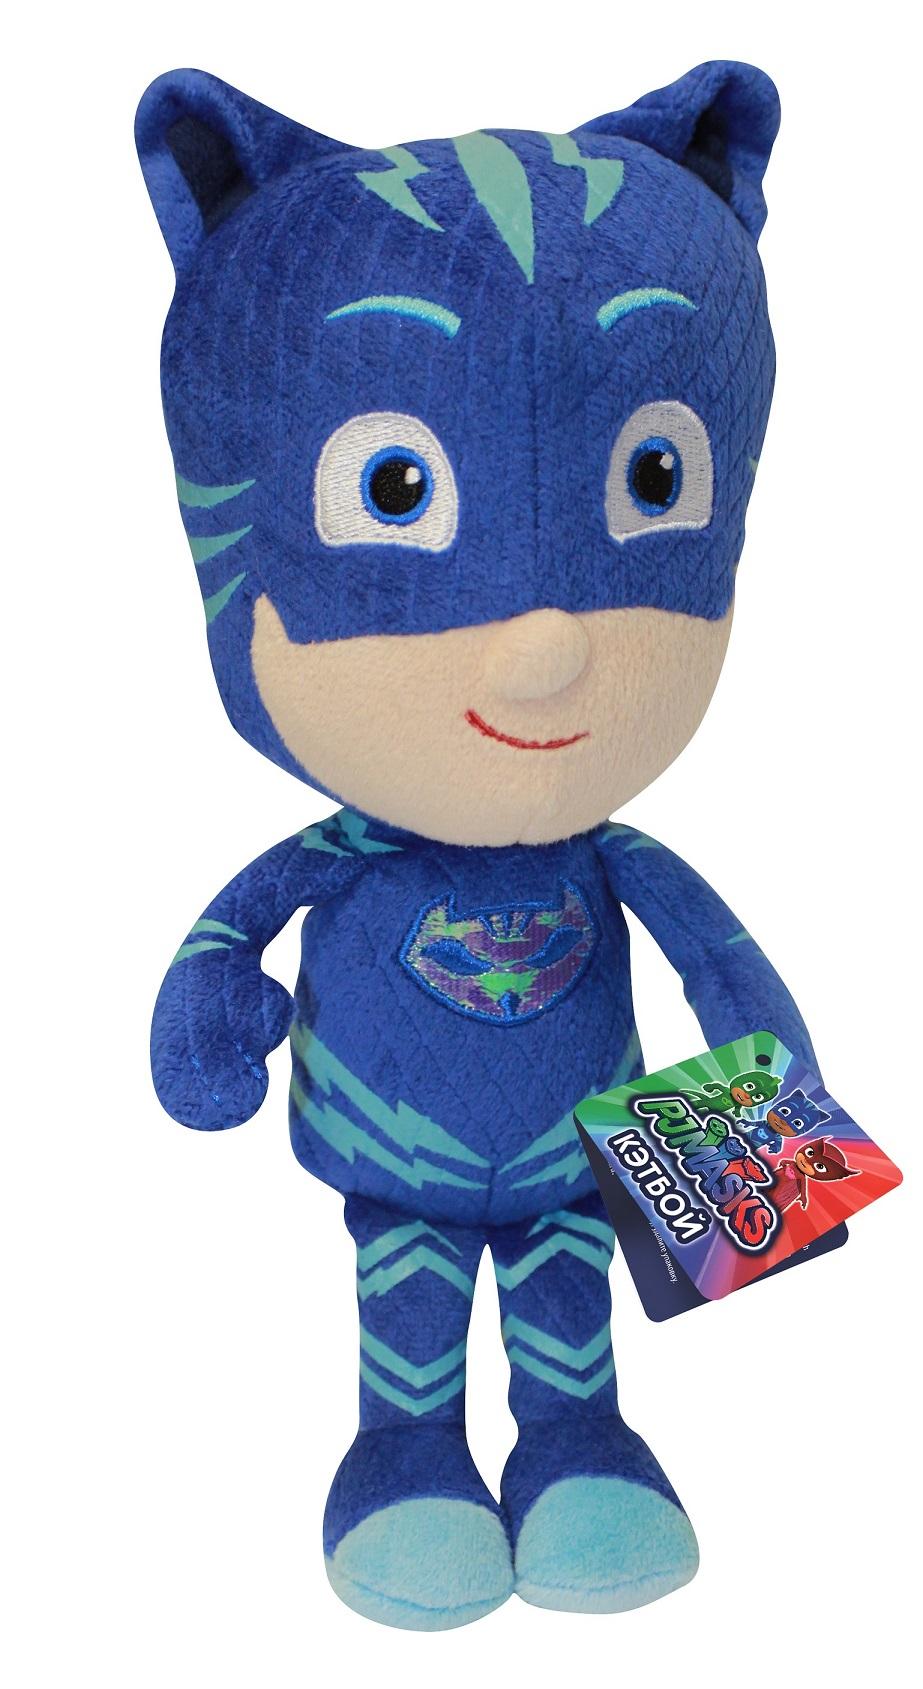 Мягкая игрушка Кэтбой из серии Герои в масках, 20 см.Герои в масках PJ Masks<br>Мягкая игрушка Кэтбой из серии Герои в масках, 20 см.<br>